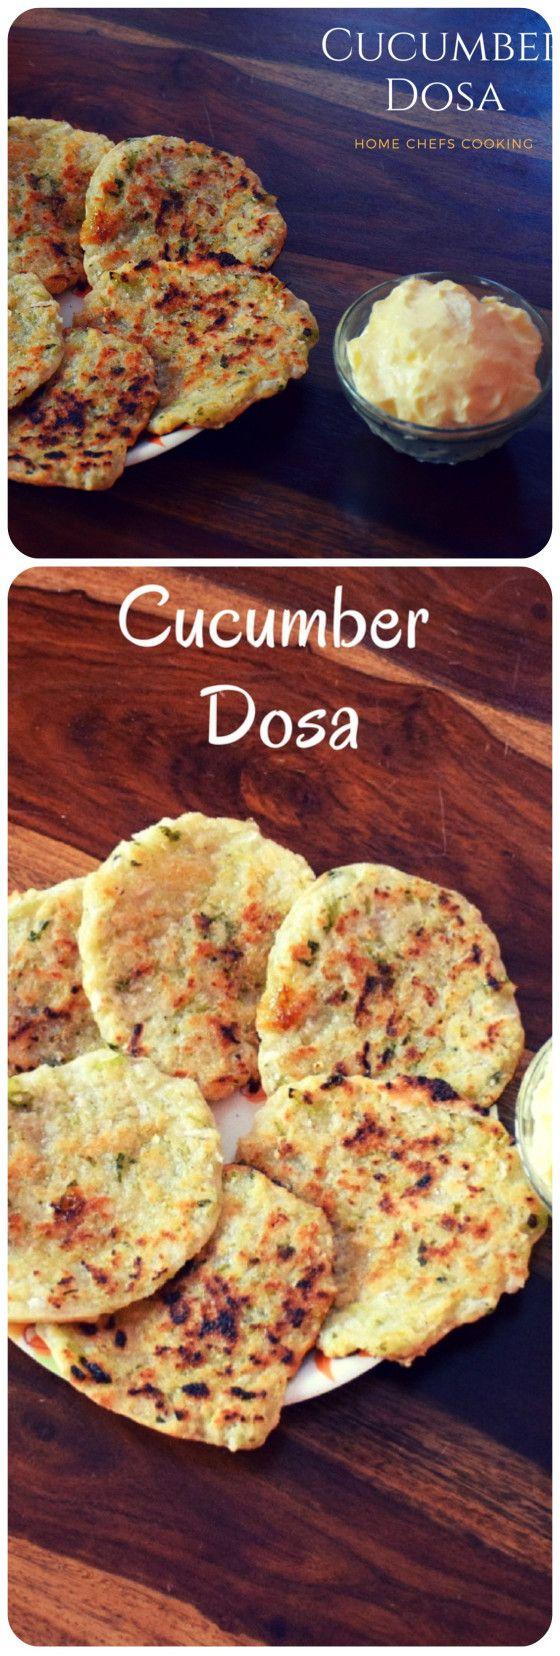 Cucumber Dosa | Taushe bhakri recipe  #HealthyBreakfastRecipe #NoFermentationDosa